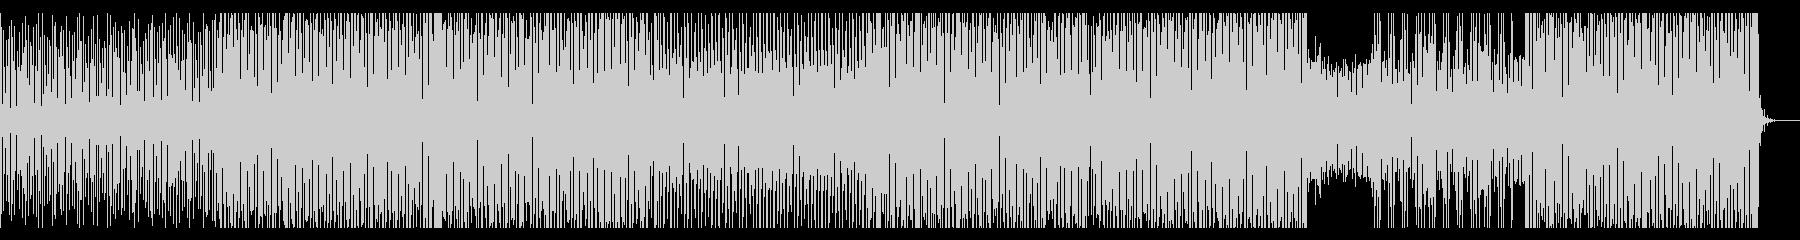 疾走感のあるピアノEDMの未再生の波形